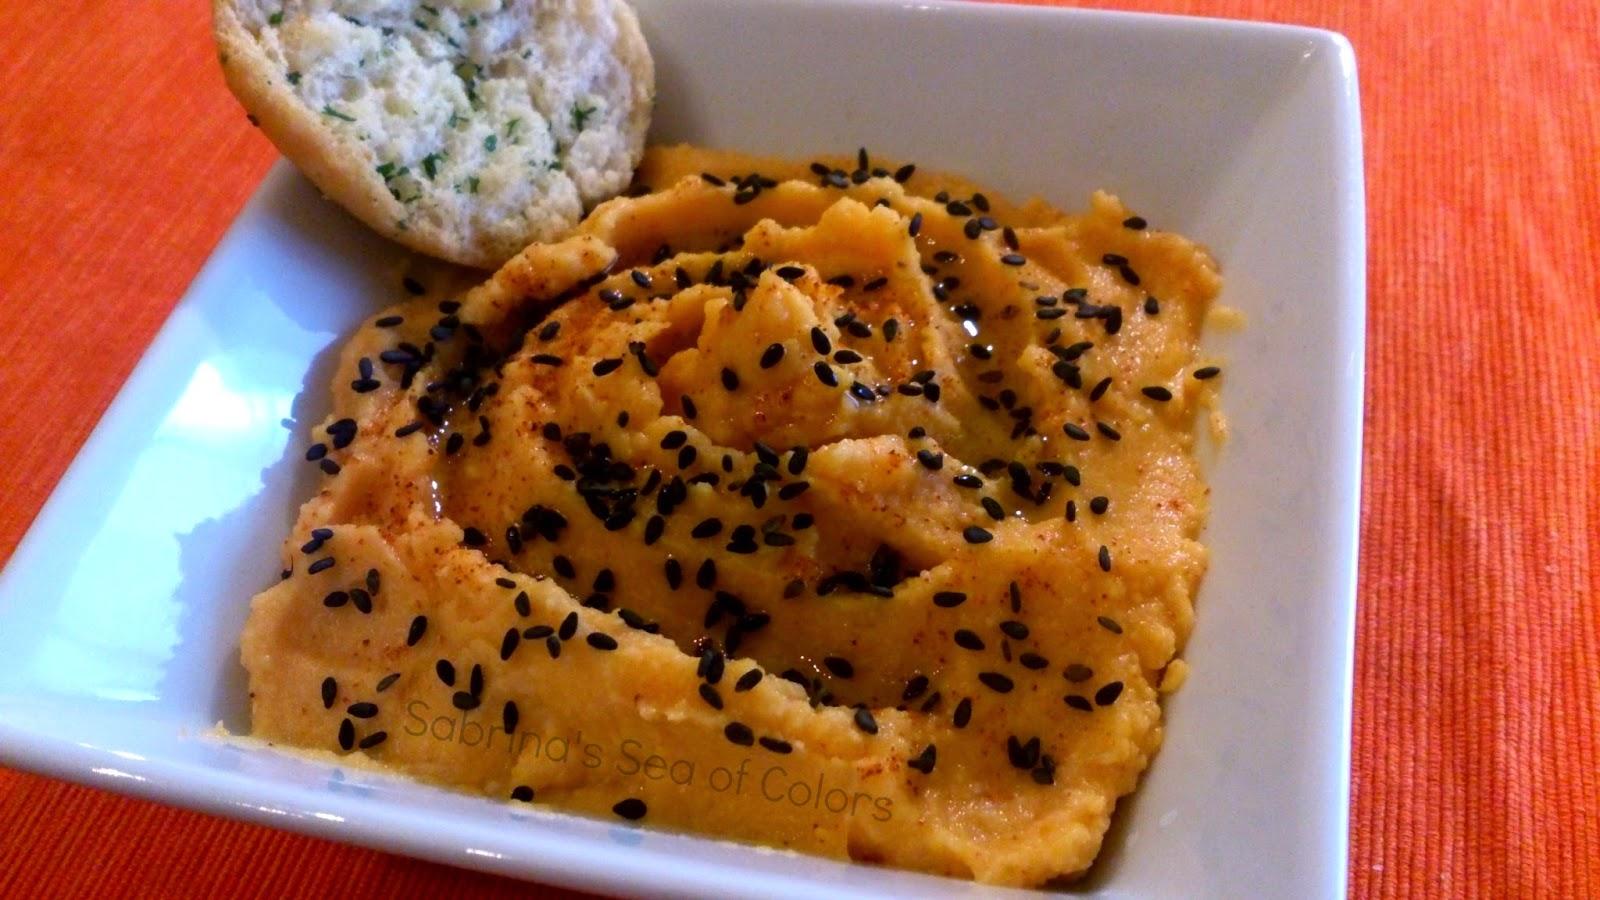 Hummus de calabaza sabrina s sea of colors - Cenas sencillas para sorprender ...